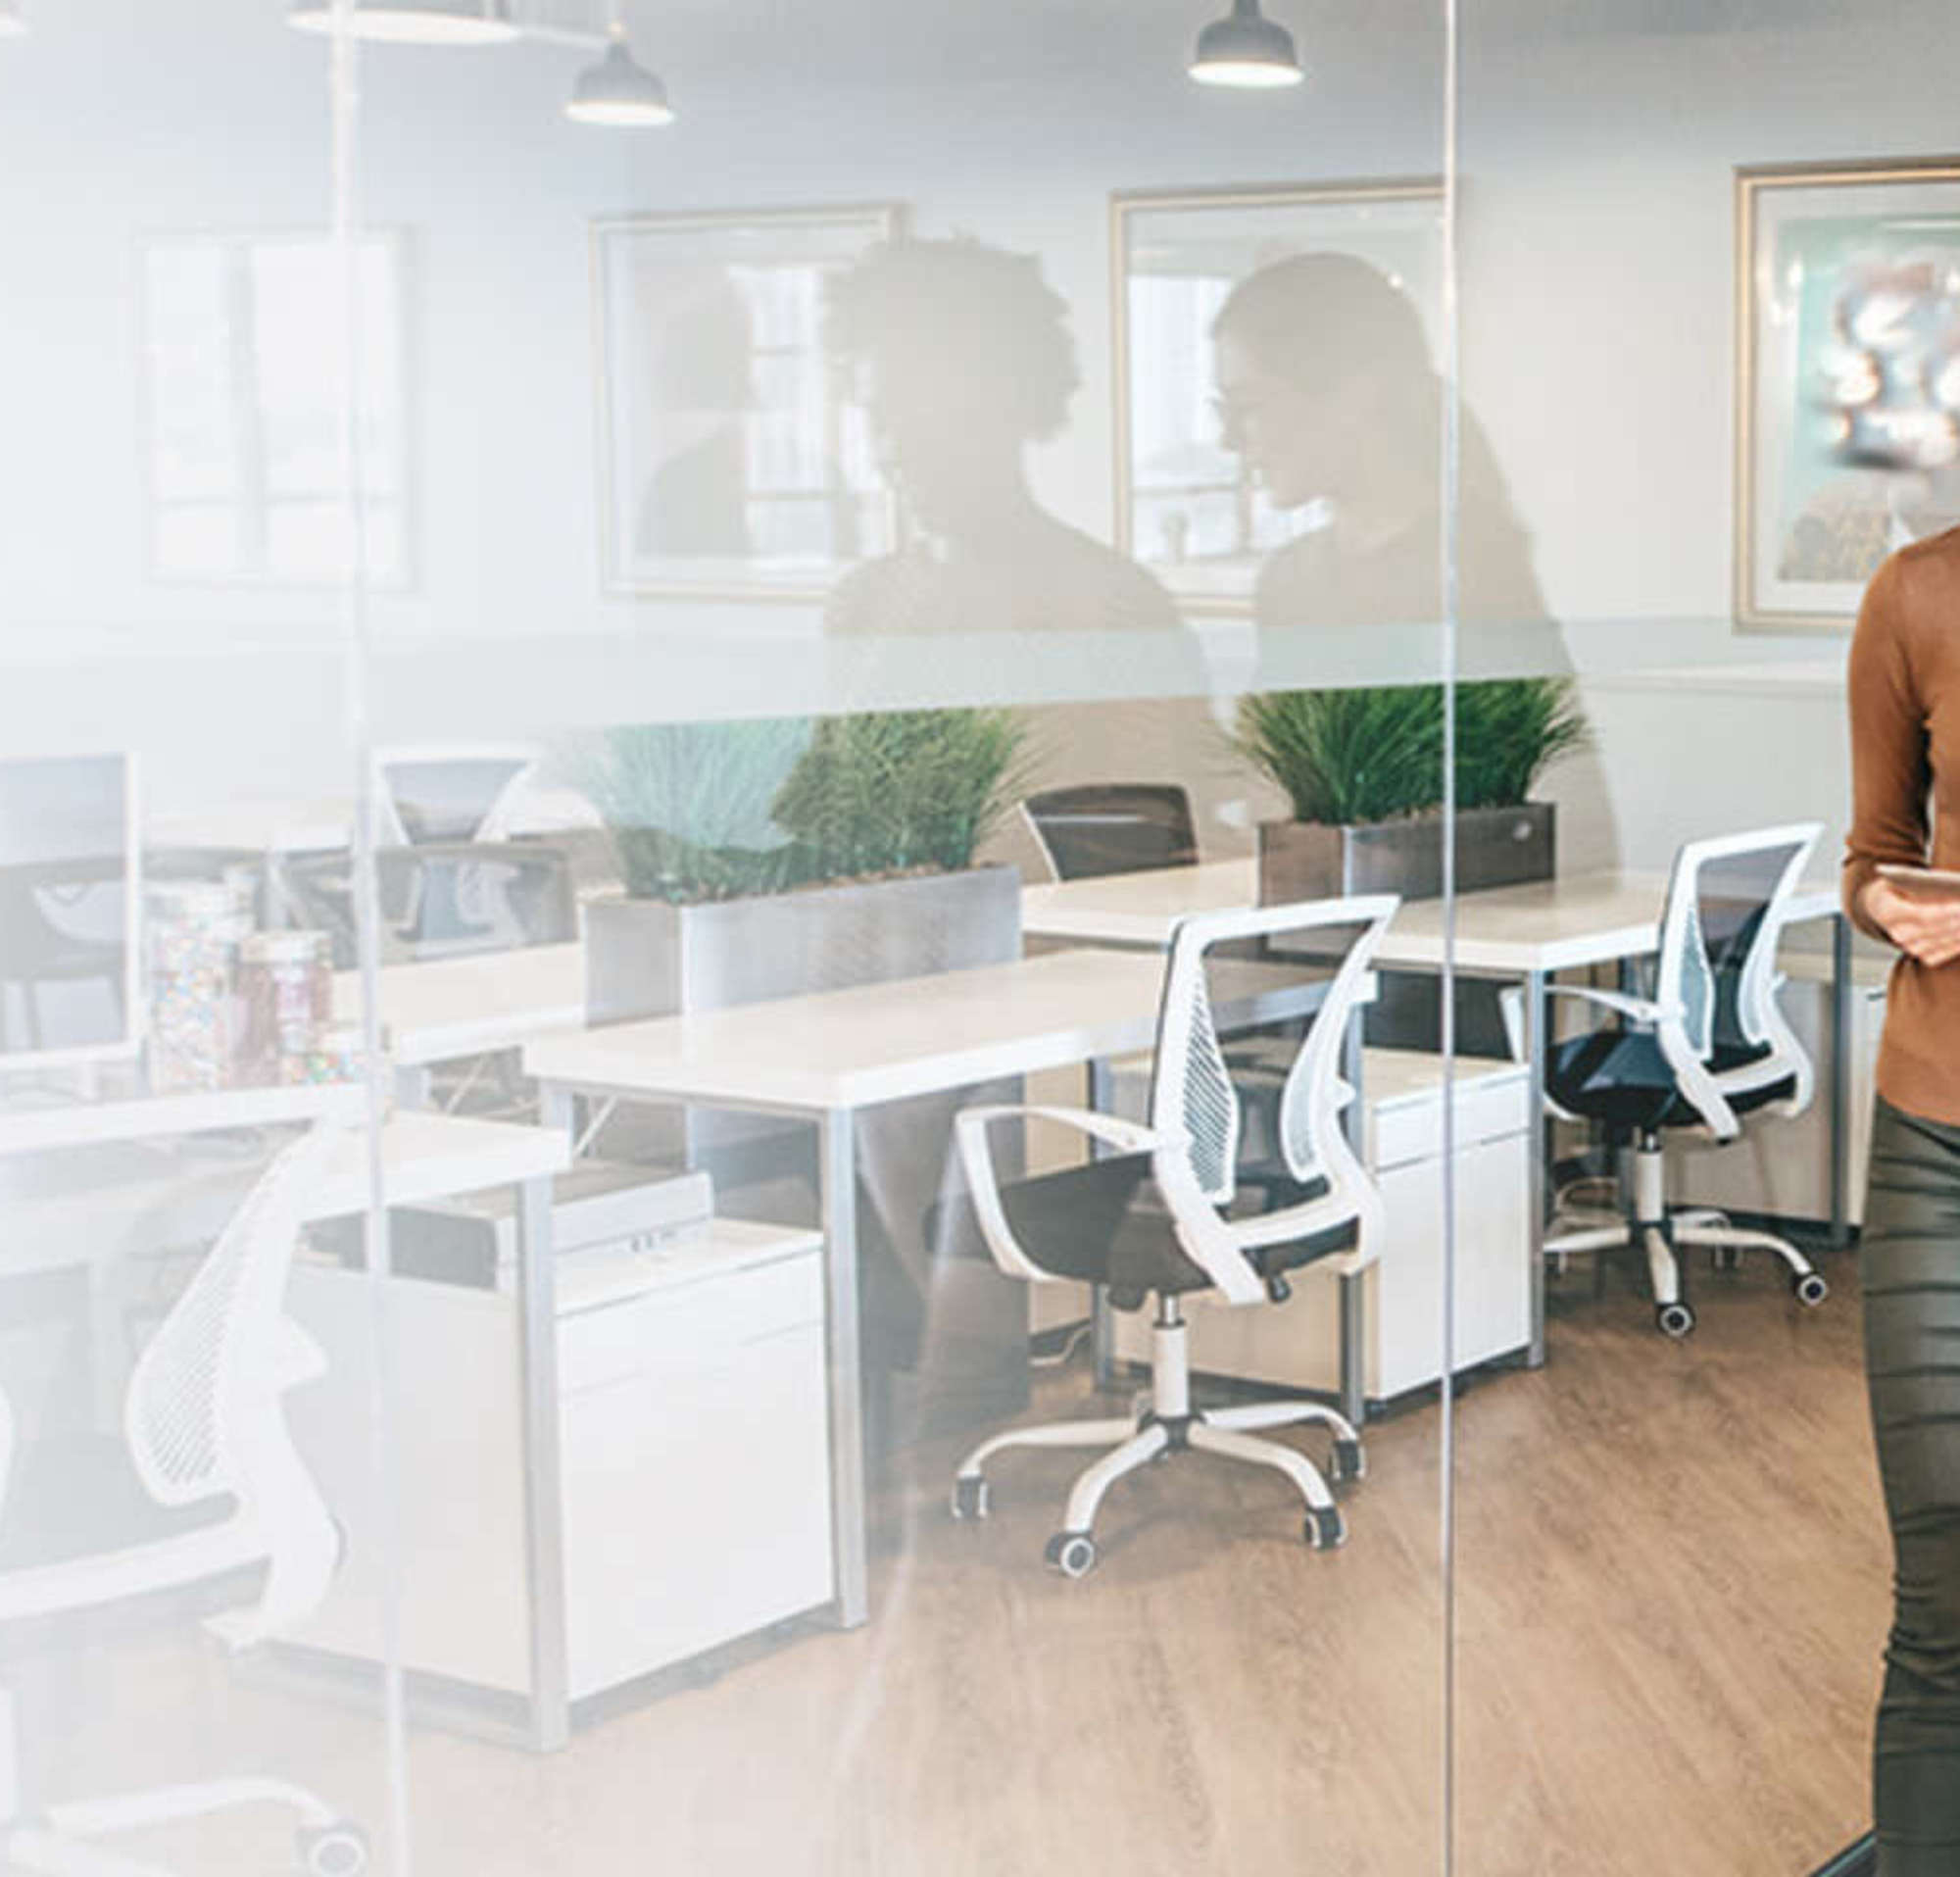 Deux femmes dans une salle de réunion qui échangent tout en regardant un document.